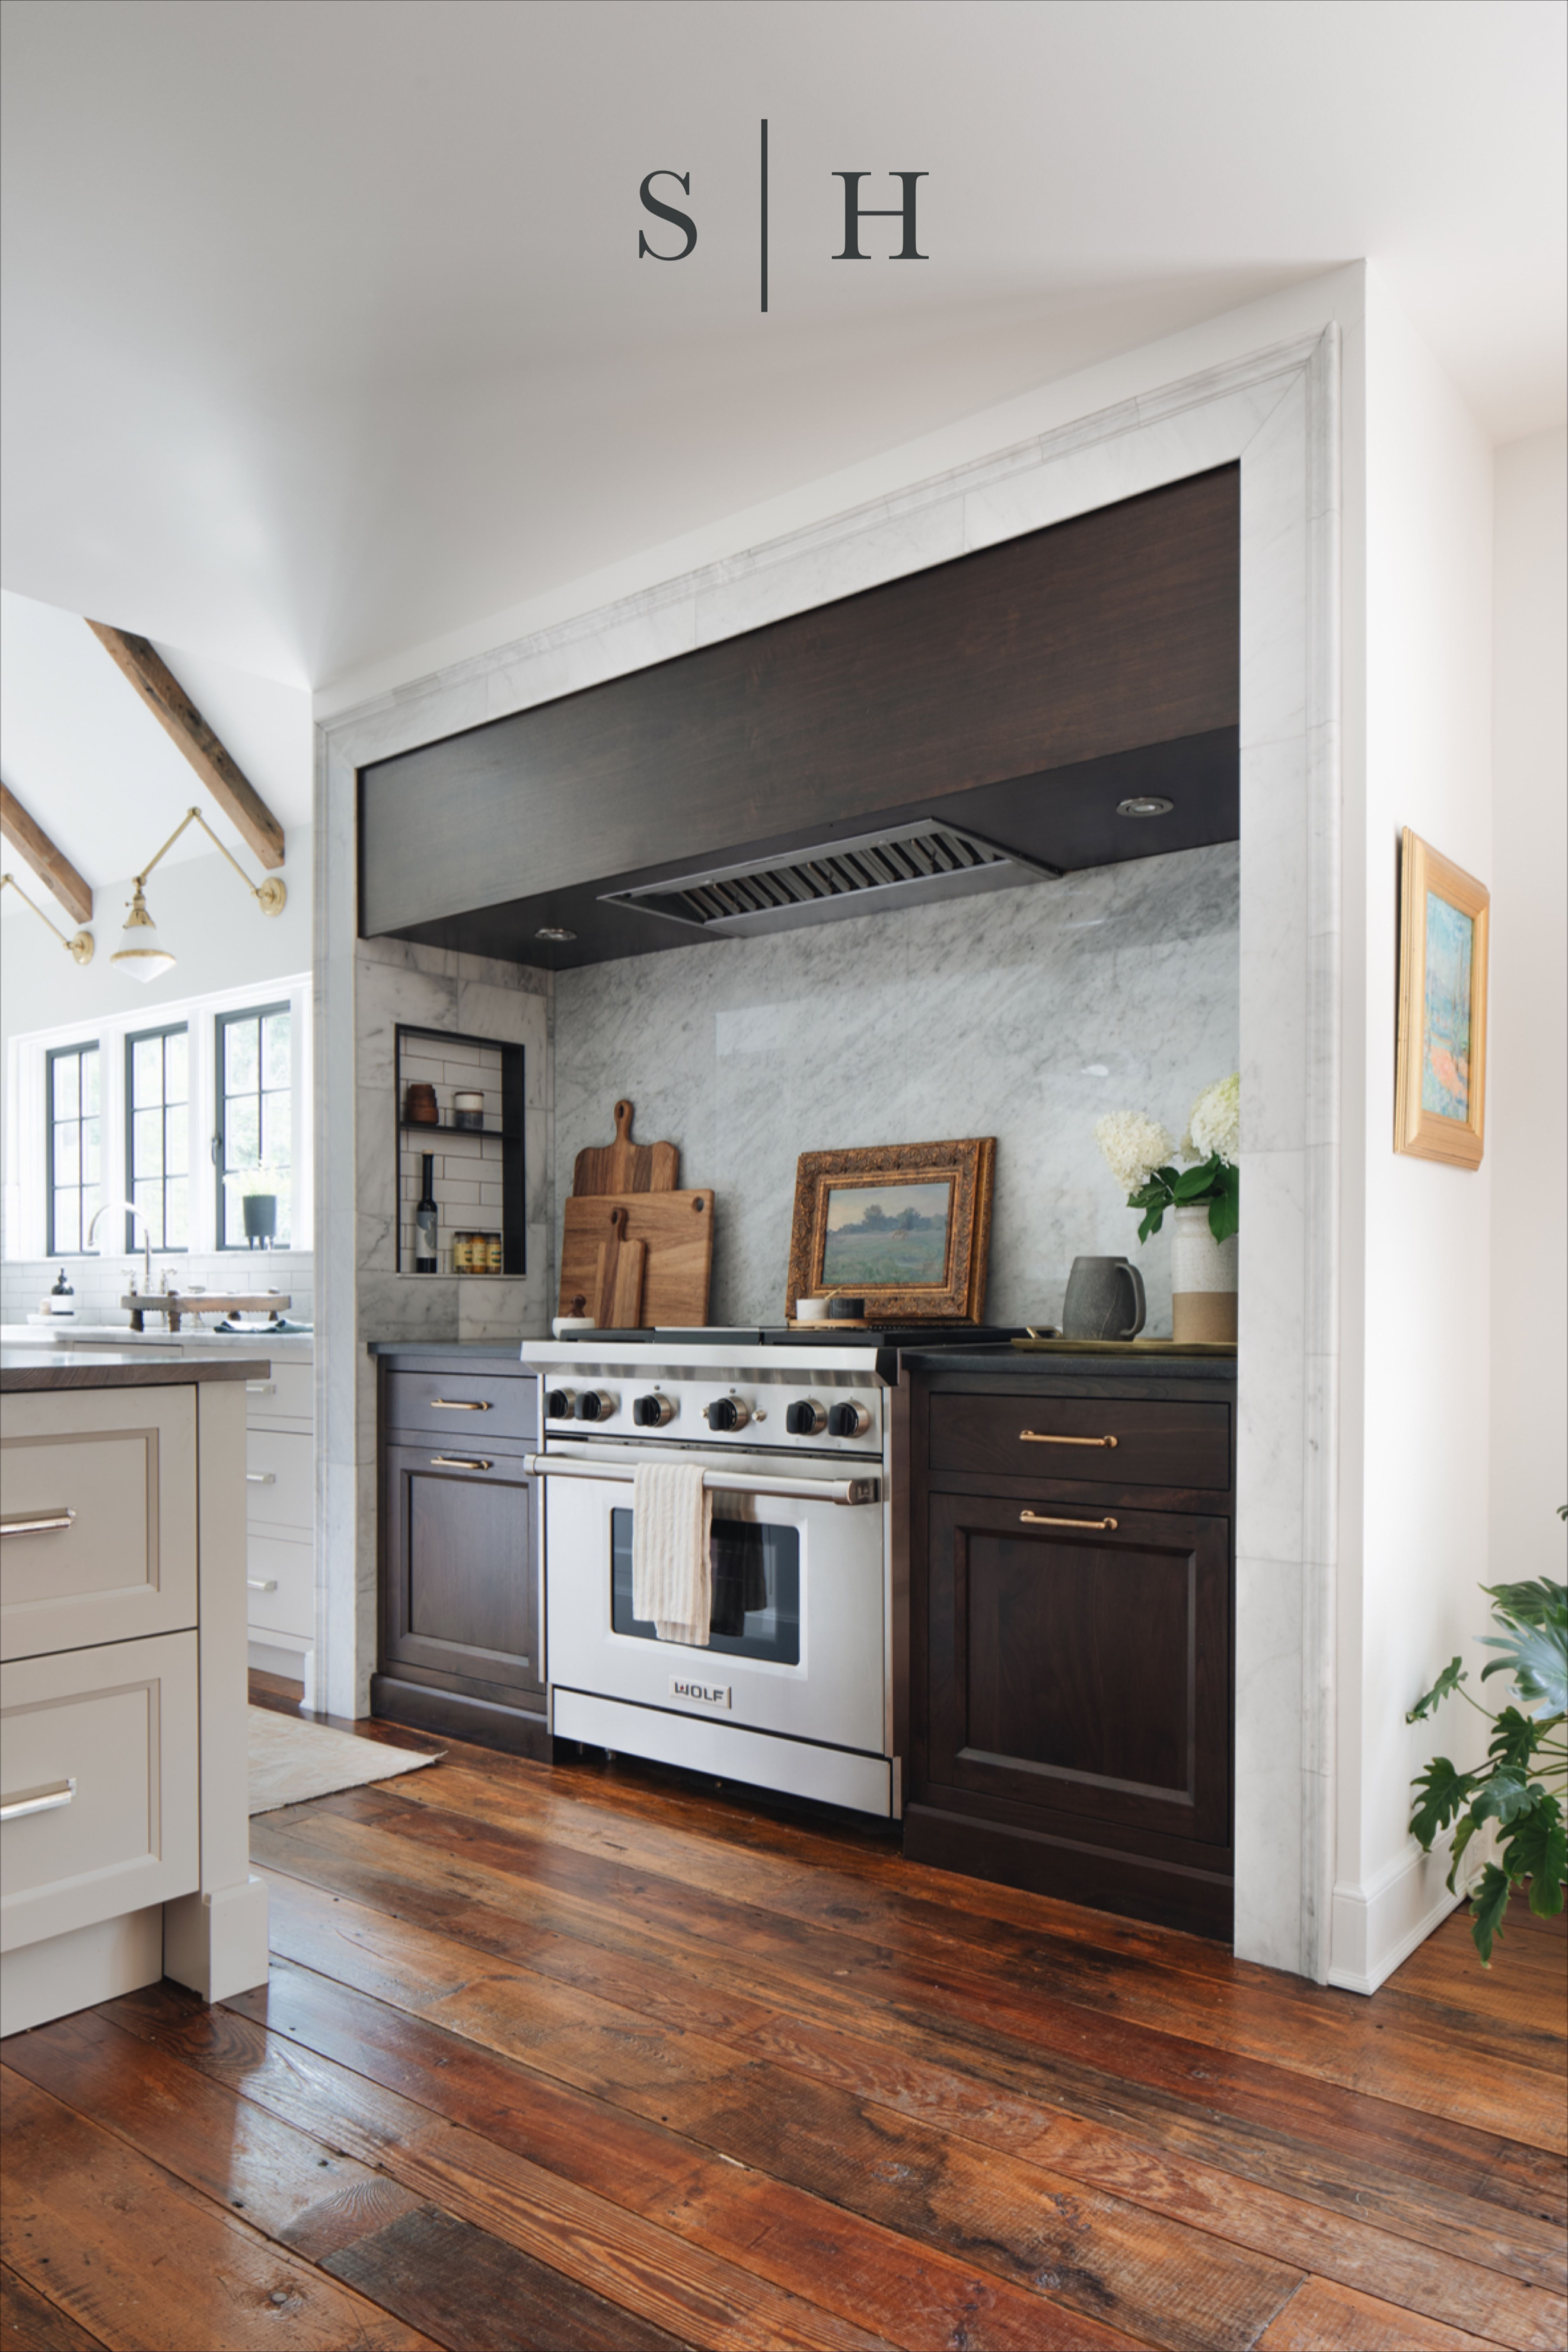 Kitchen Range Design Interior Design Range Kitchen Accessories Marble Wood Cabinets Stoffer Home Cabin In 2020 Home Kitchens Kitchen Inspirations Kitchen Remodel